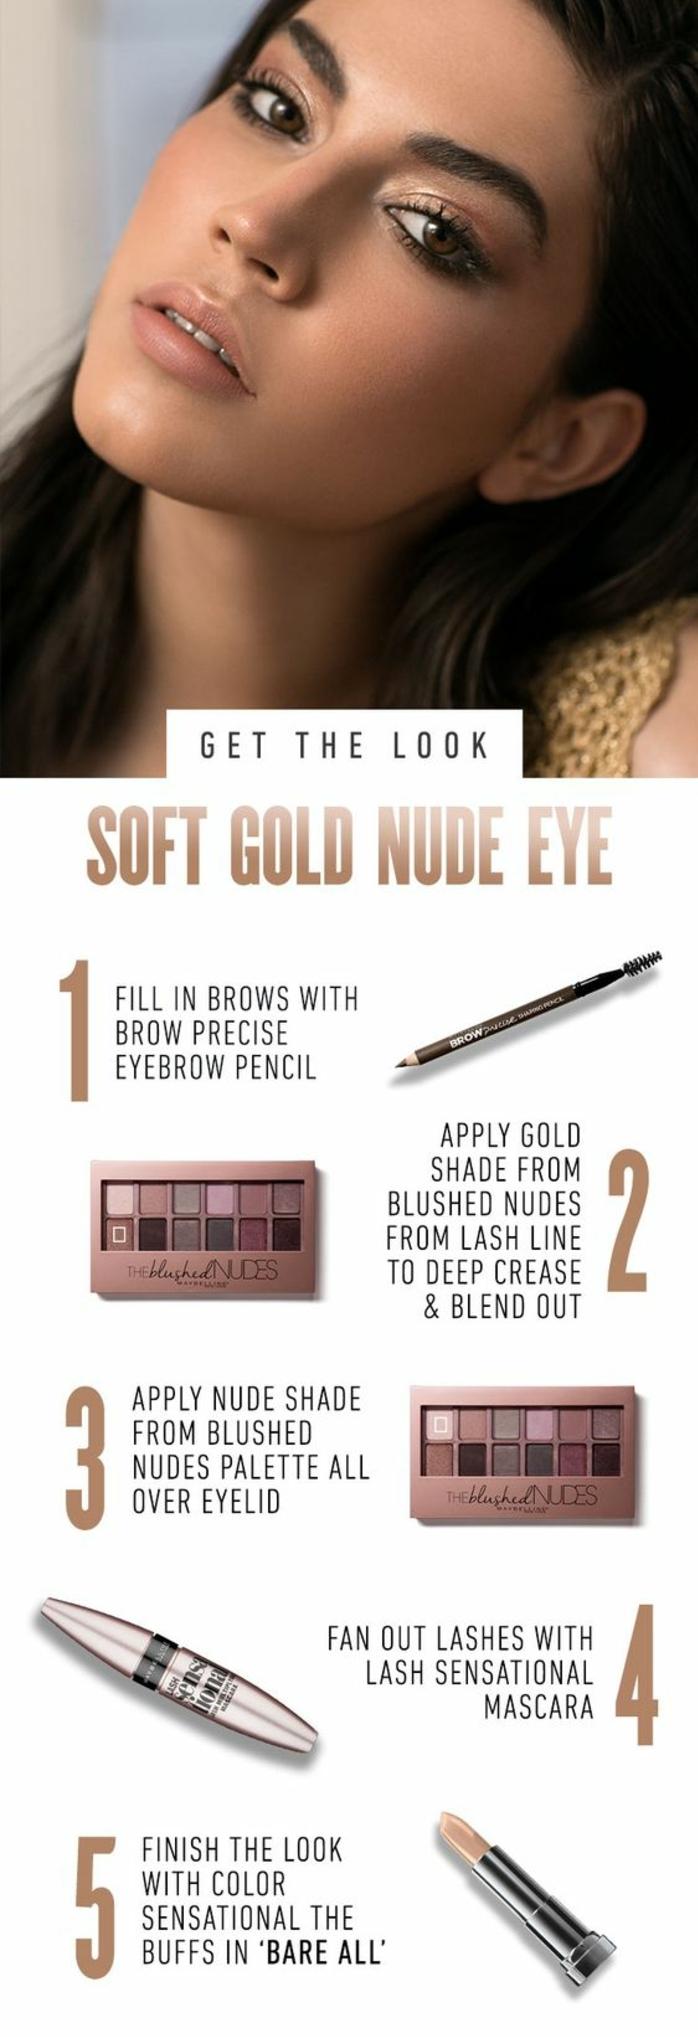 un maquillage discret et dorée pour un look de soirée glamour